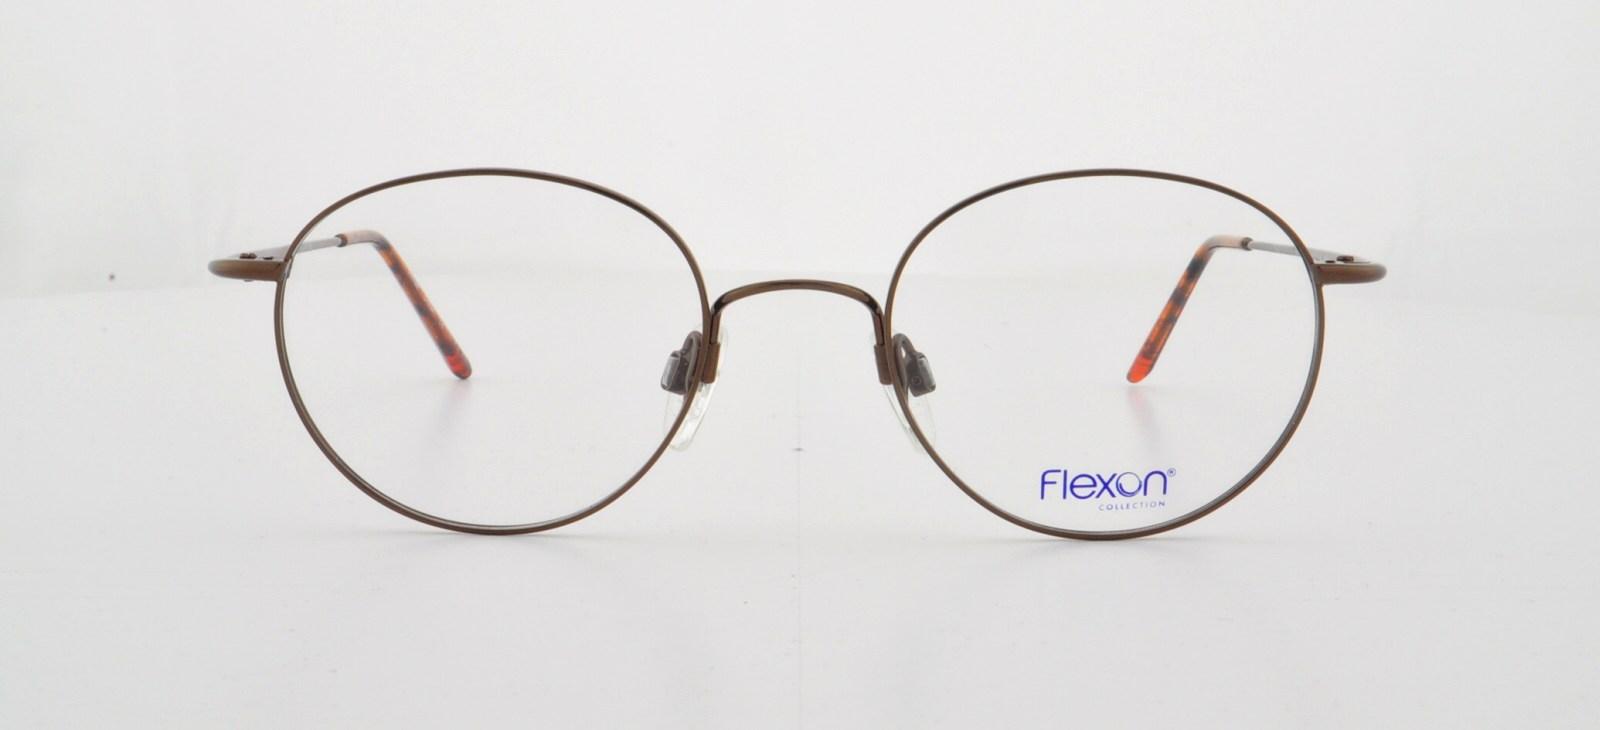 521a45495e Designer Frames Outlet. Flexon 623